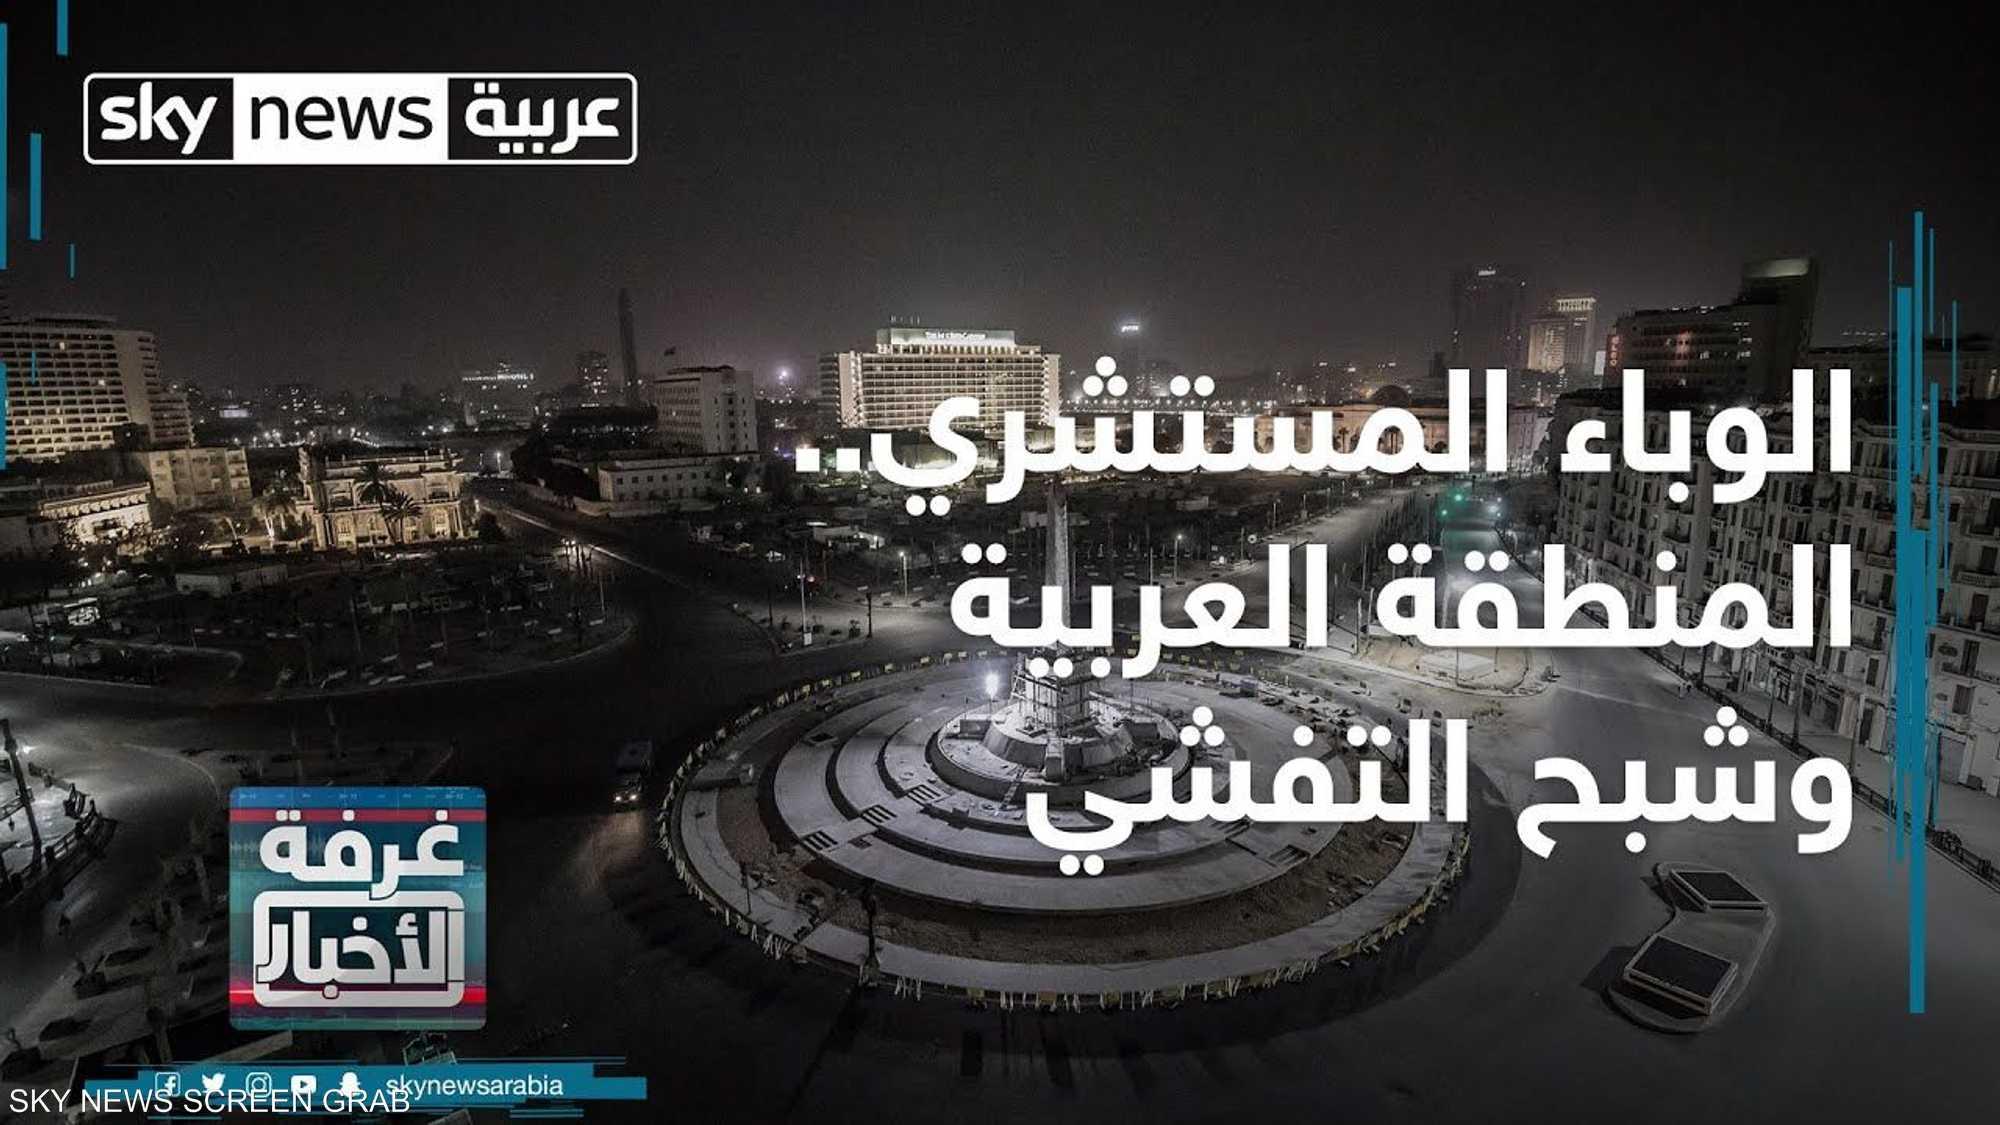 الوباء المستشري.. المنطقة العربية وشبح التفشي